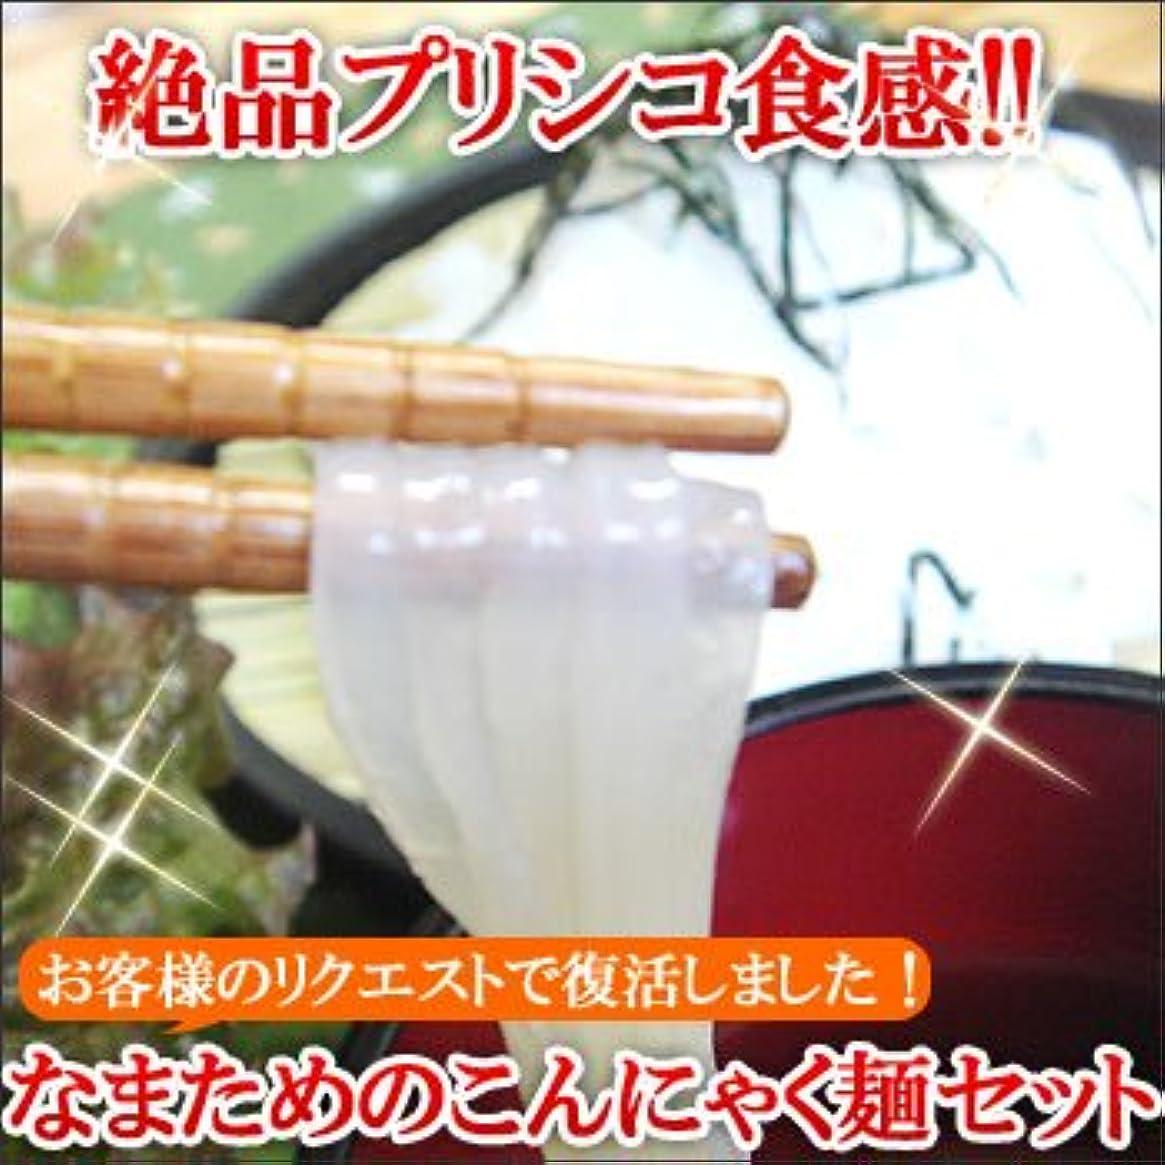 くしゃみシャワーカレンダープリシコこんにゃく麺30袋セット